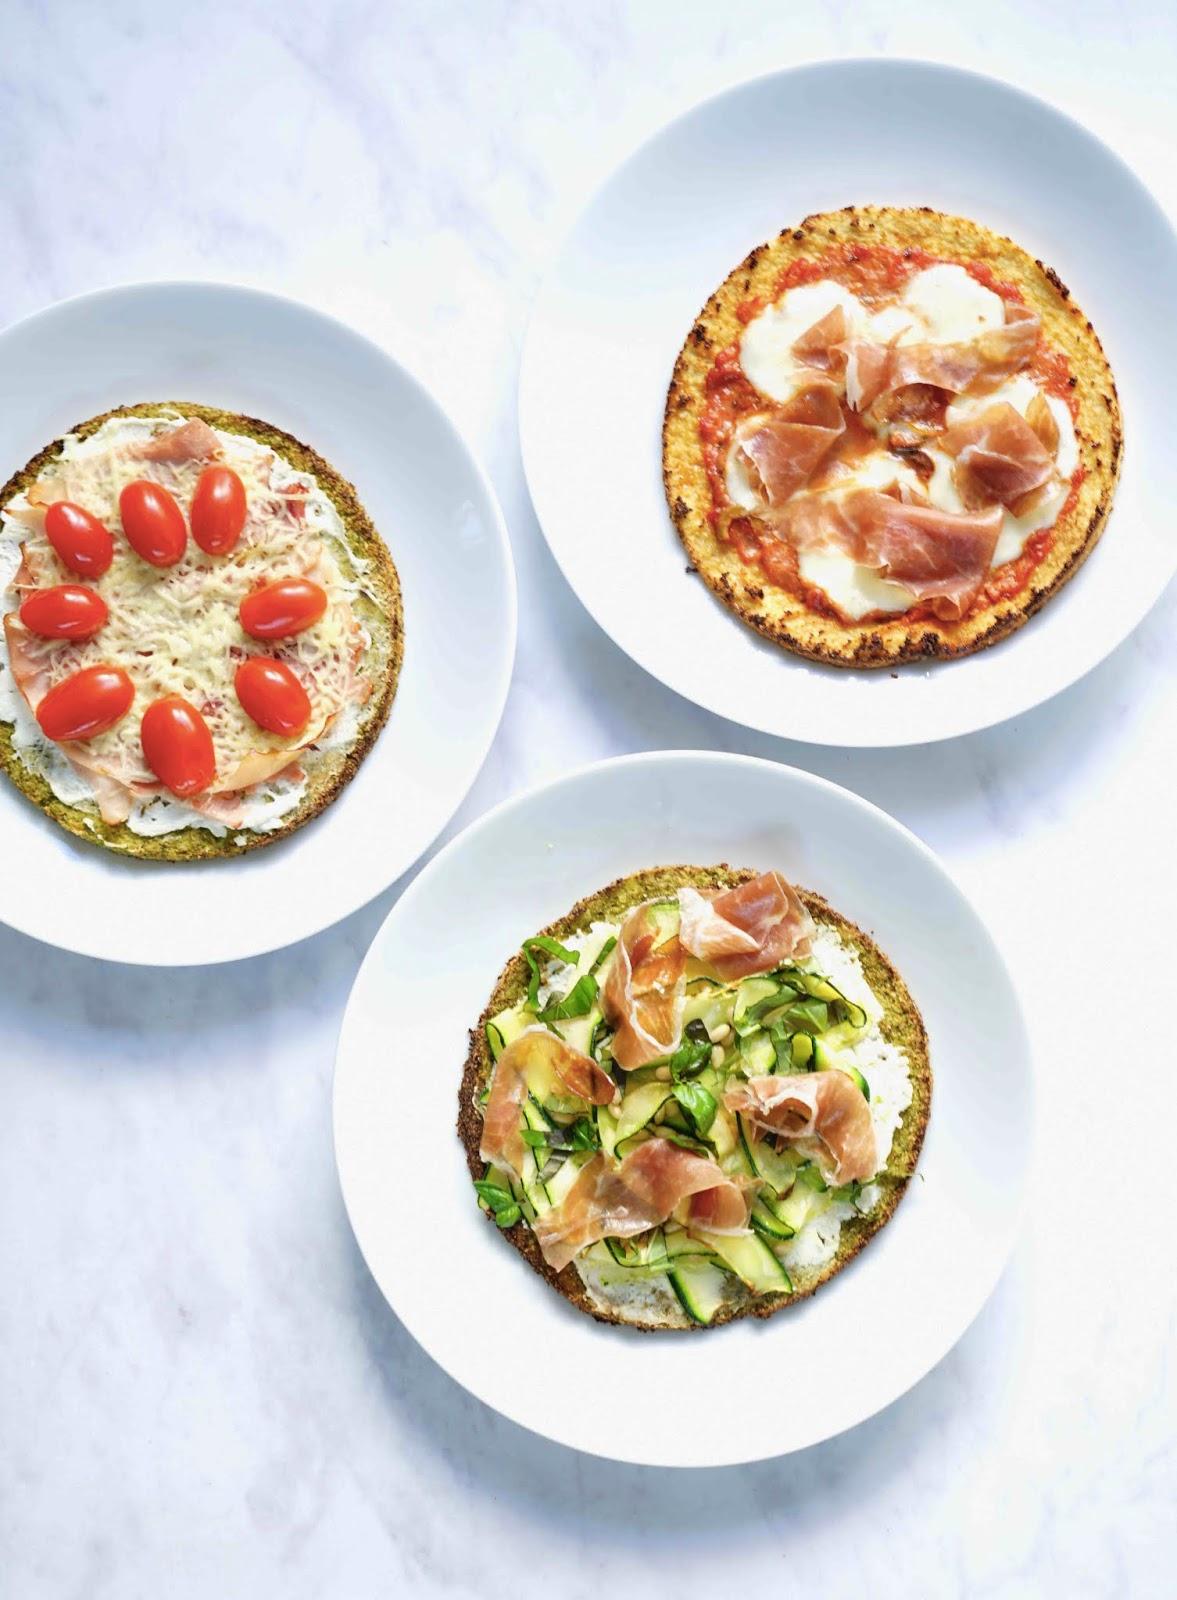 pizzas aux légumes , chou fleur , brocoli , recettes légères